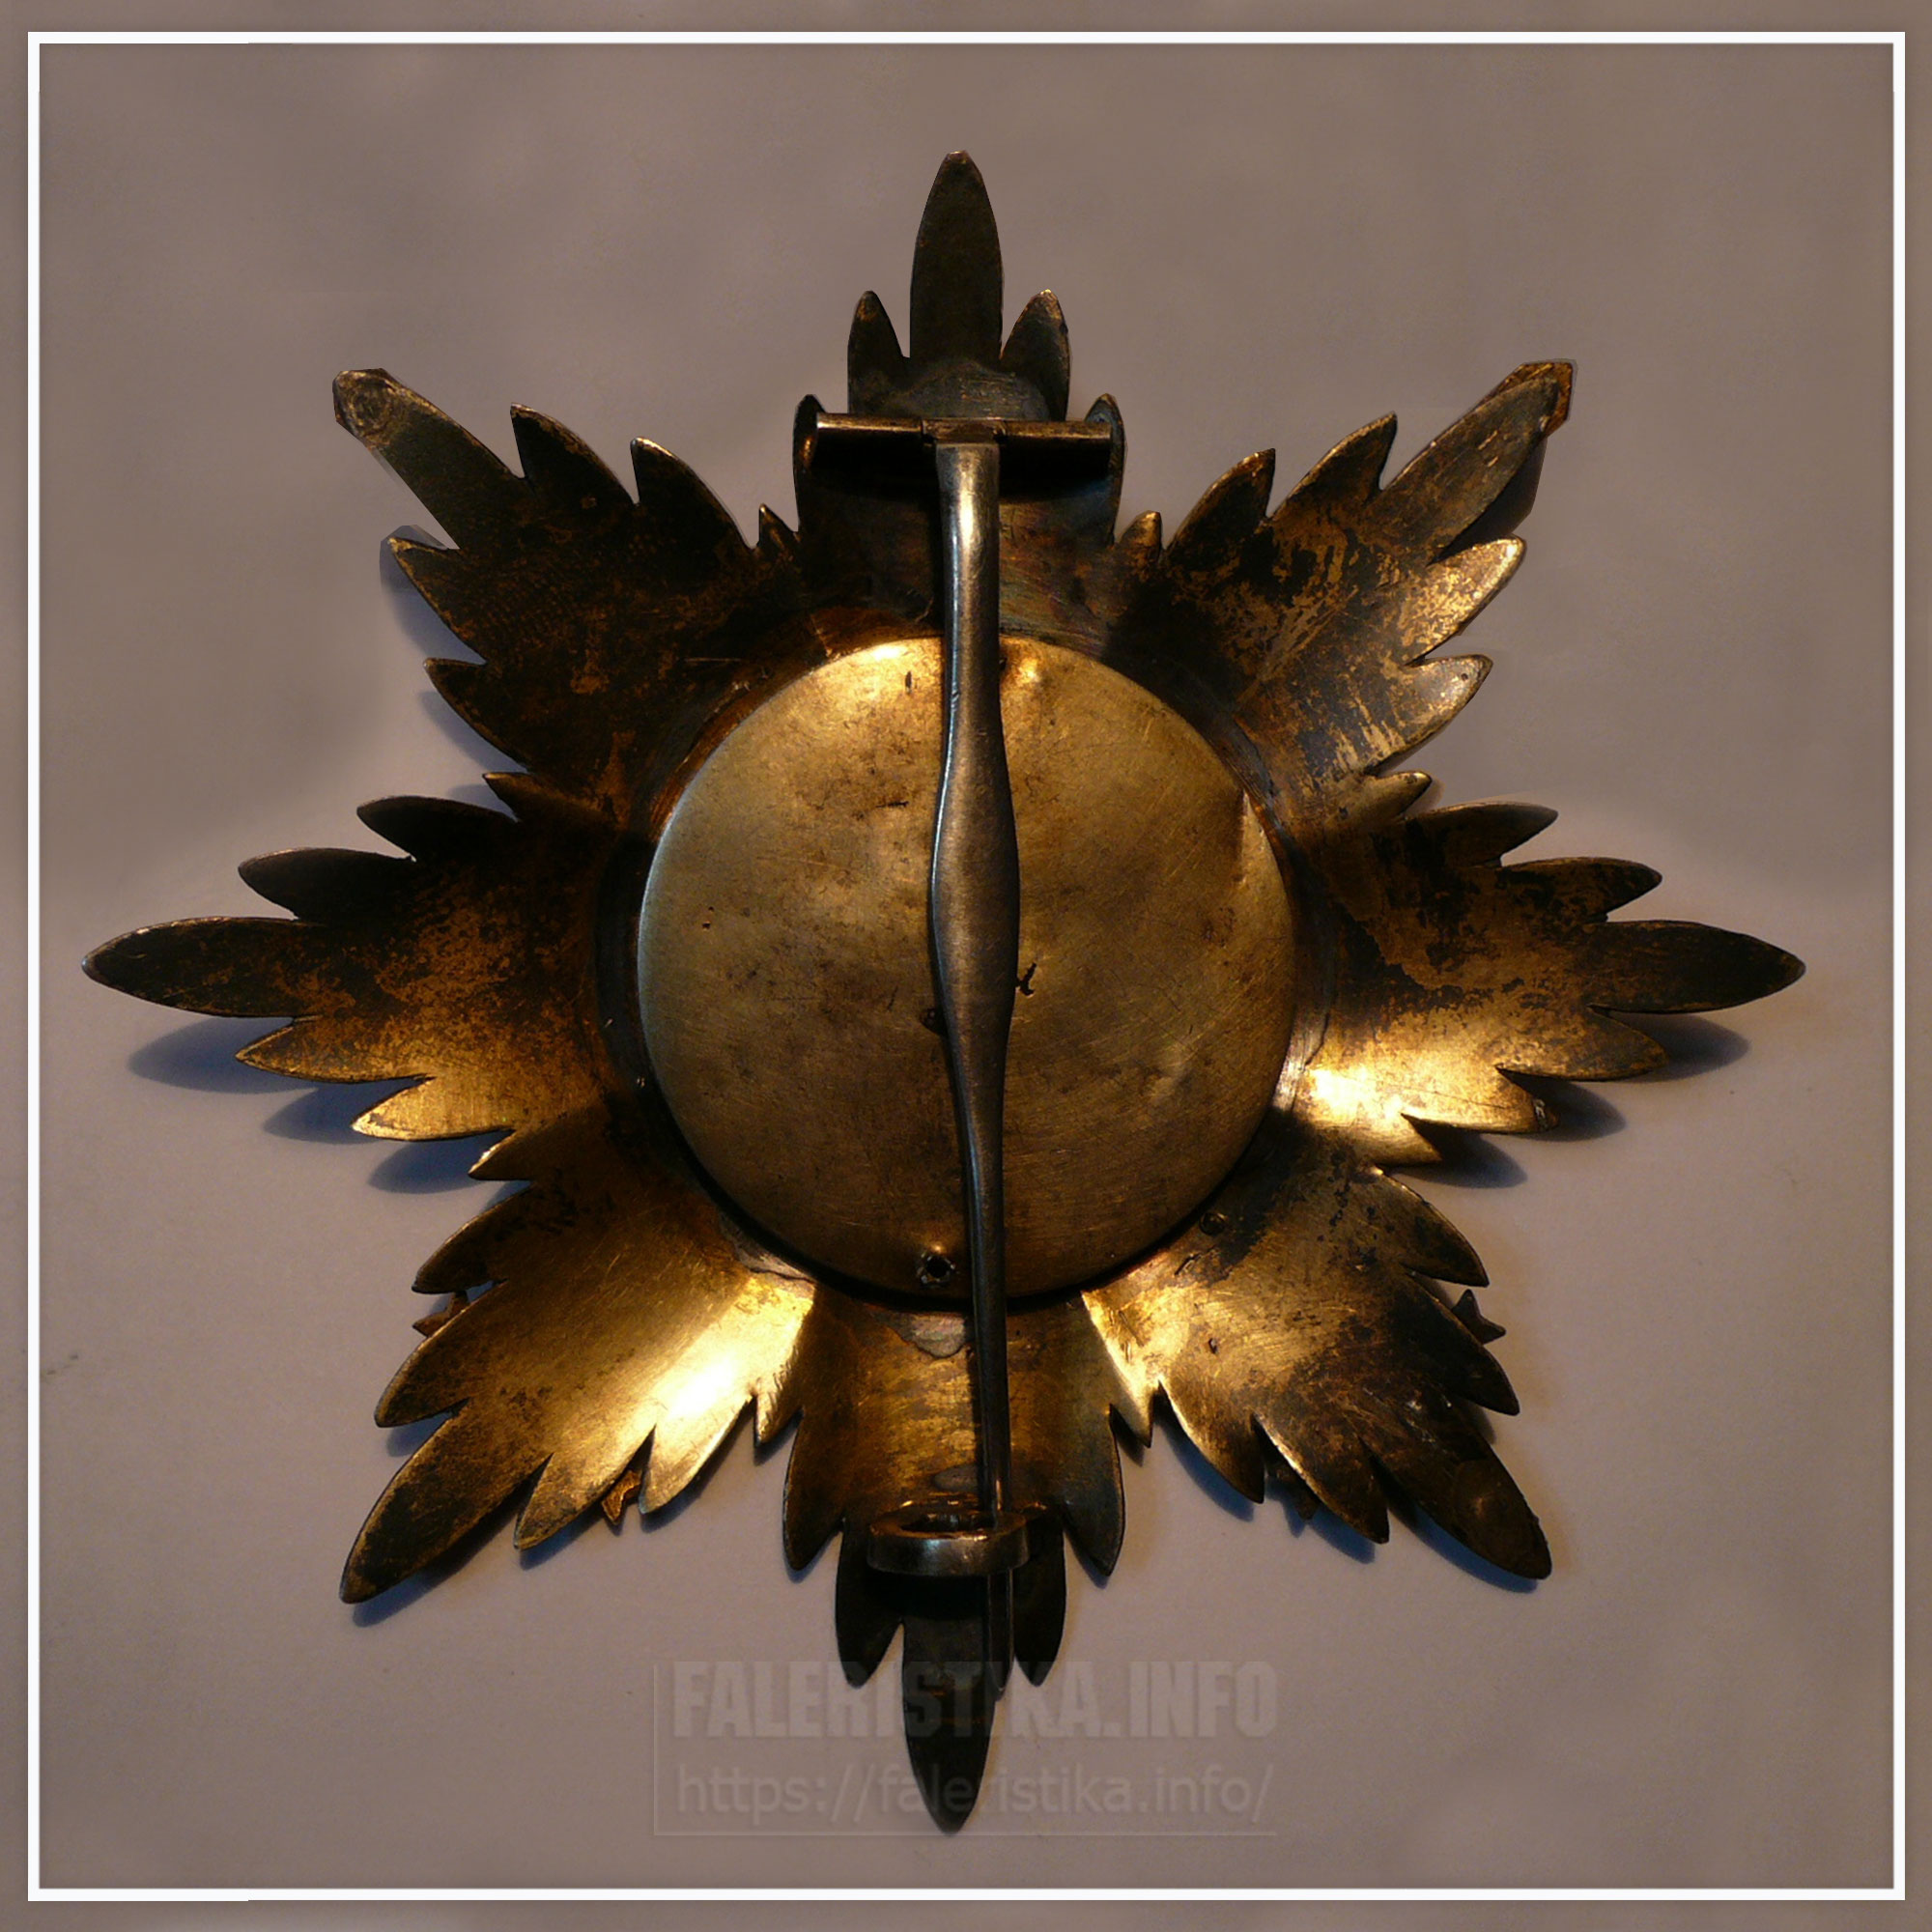 Звезда ордена Святого Станислава с мечами